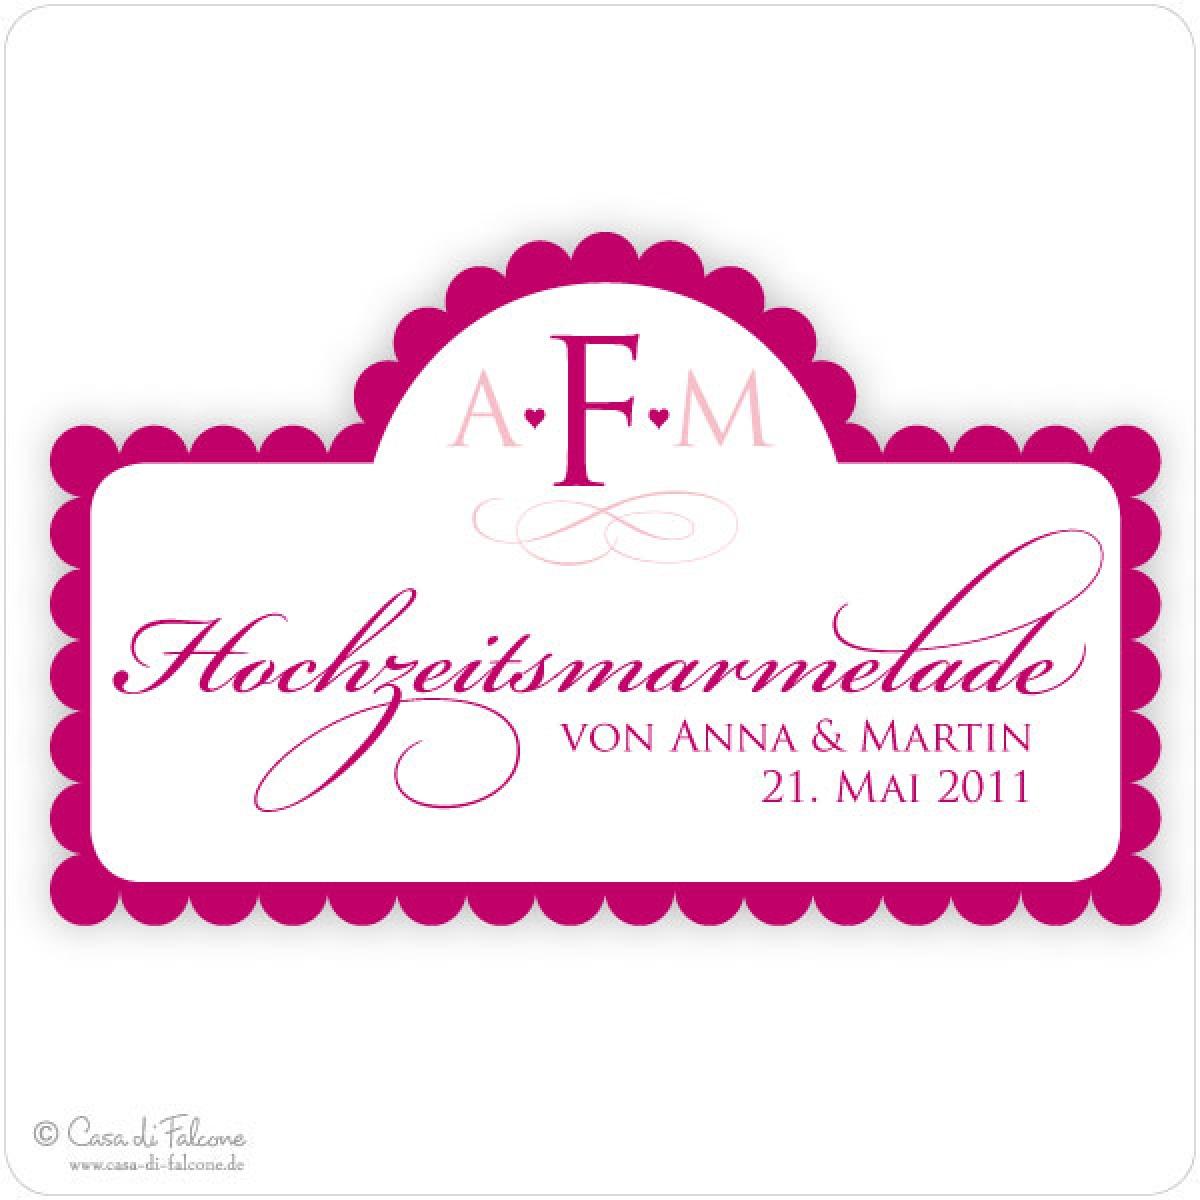 Elegance Aufkleber Für Hochzeitsmarmelade Casa Di Falcone